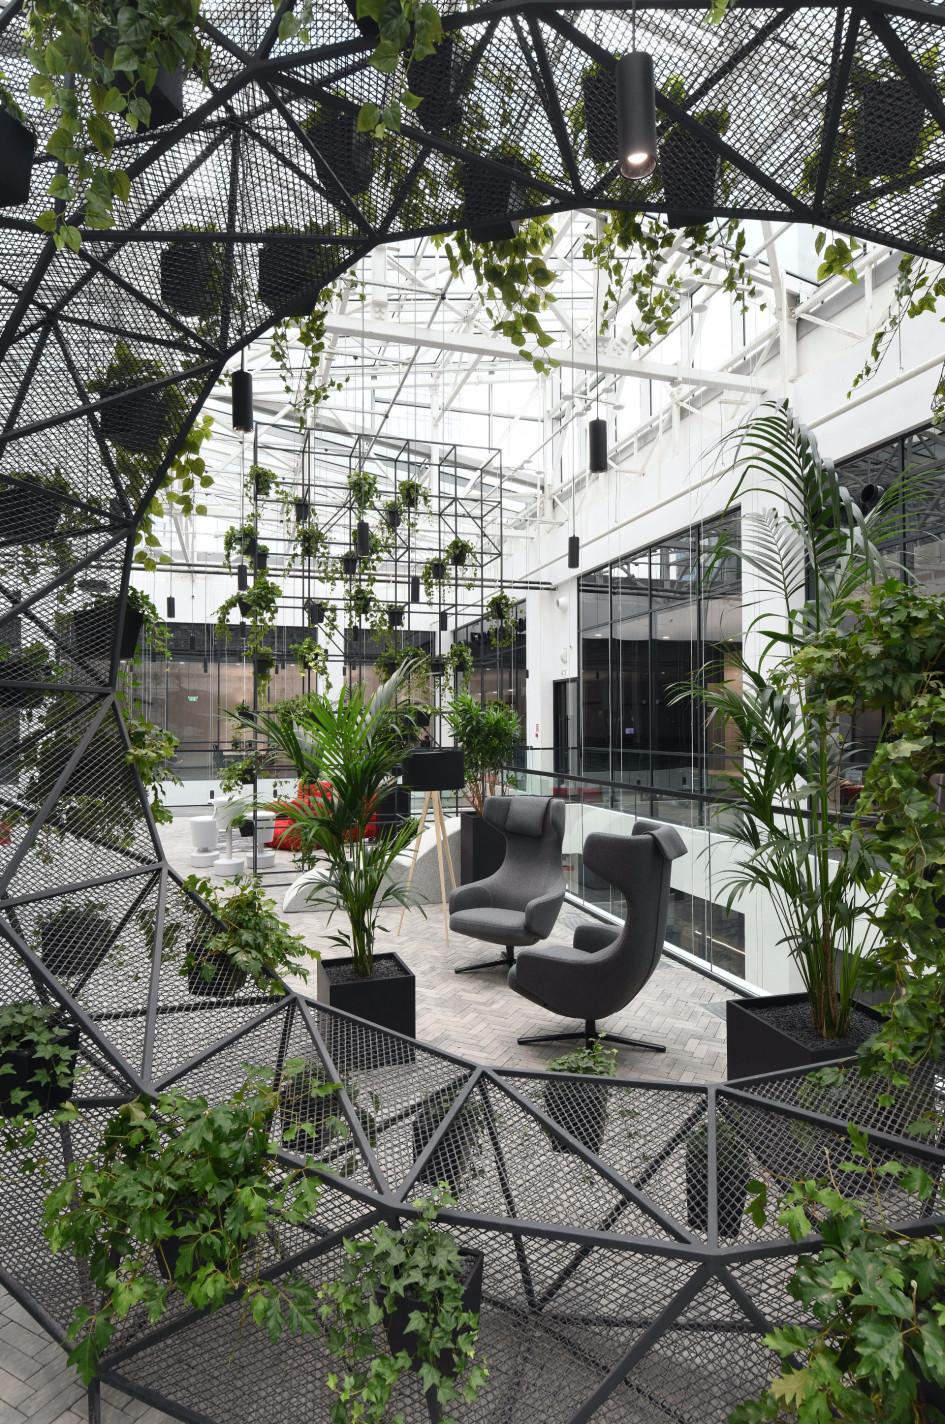 Релакс-зона с зелеными растениями и мягкой мебелью.